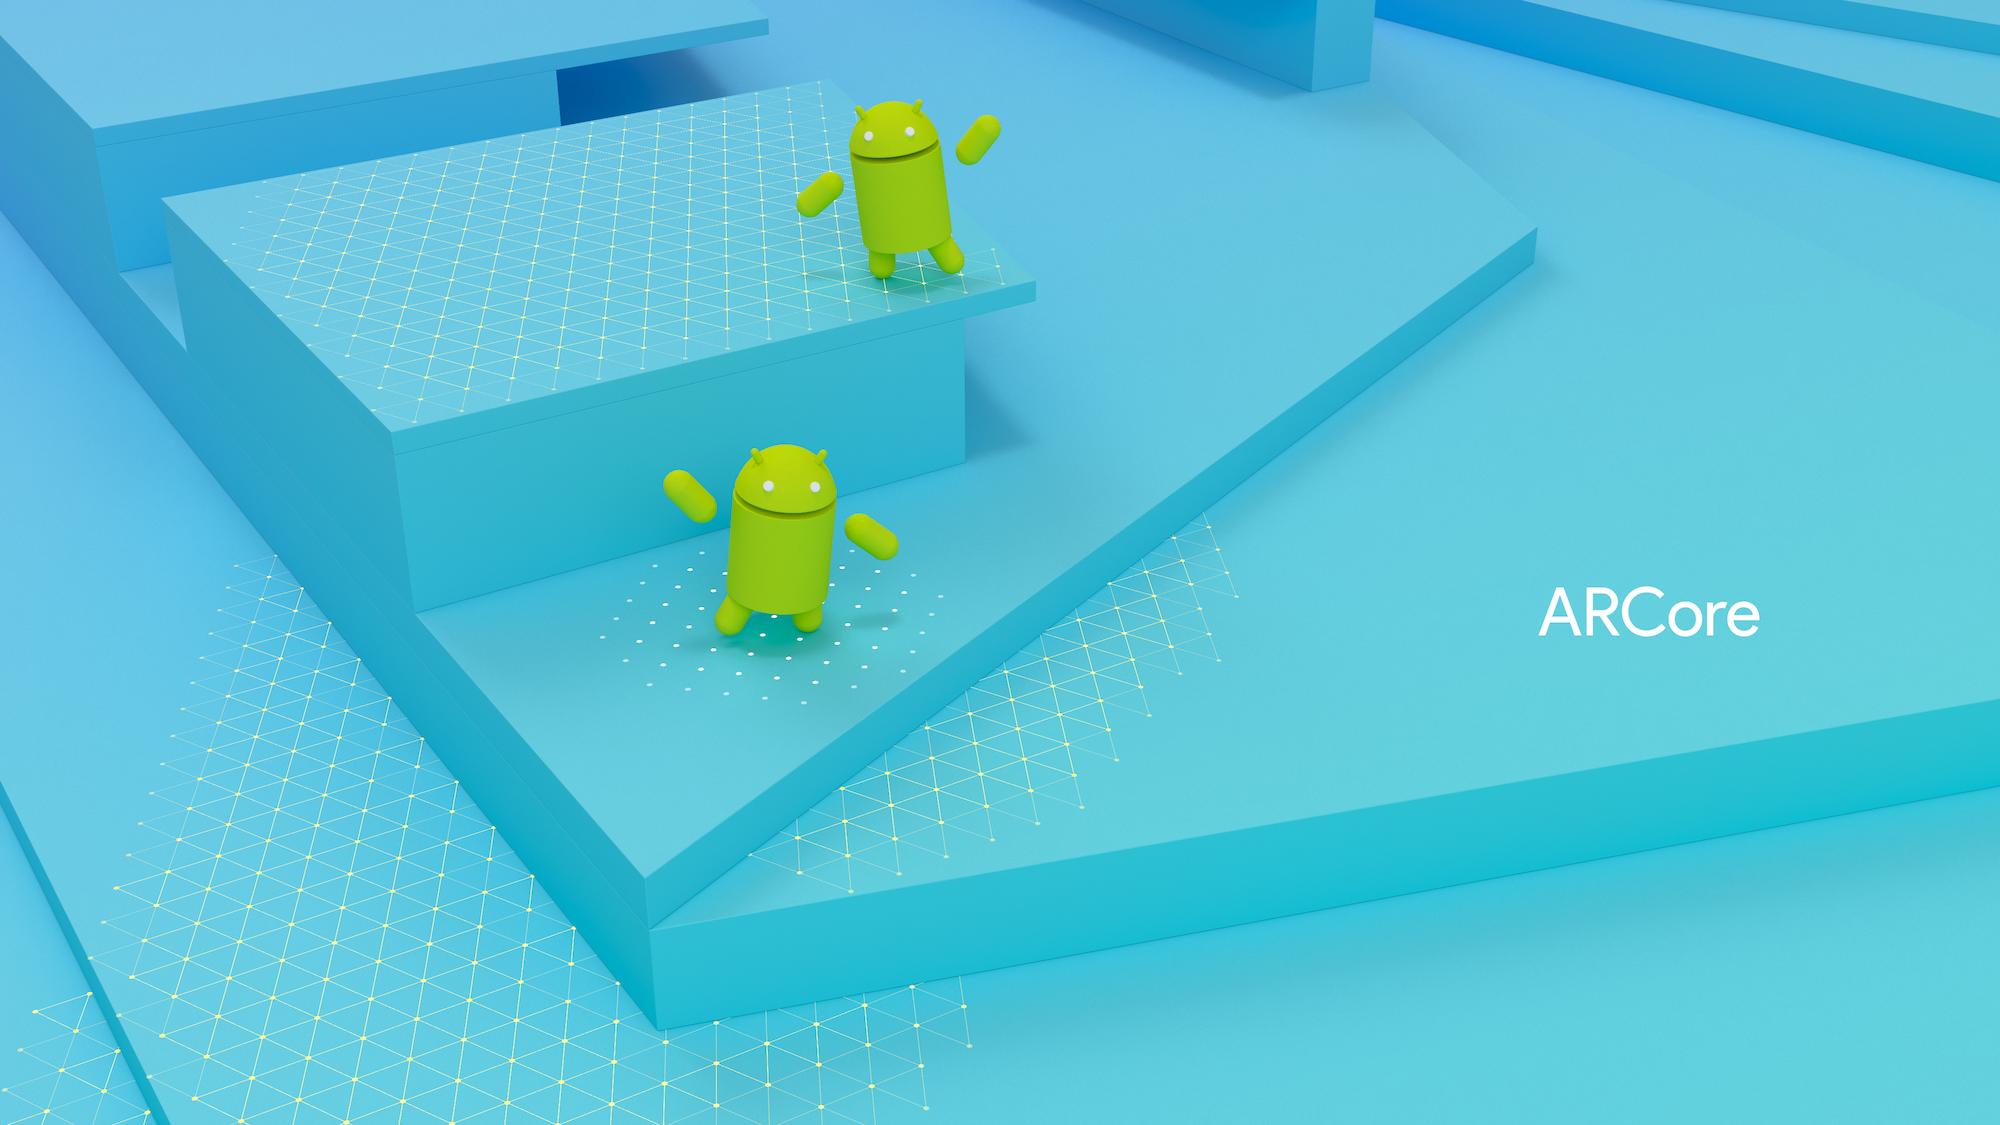 Google привнесла технологию дополненной реальности в мобильные телефоны